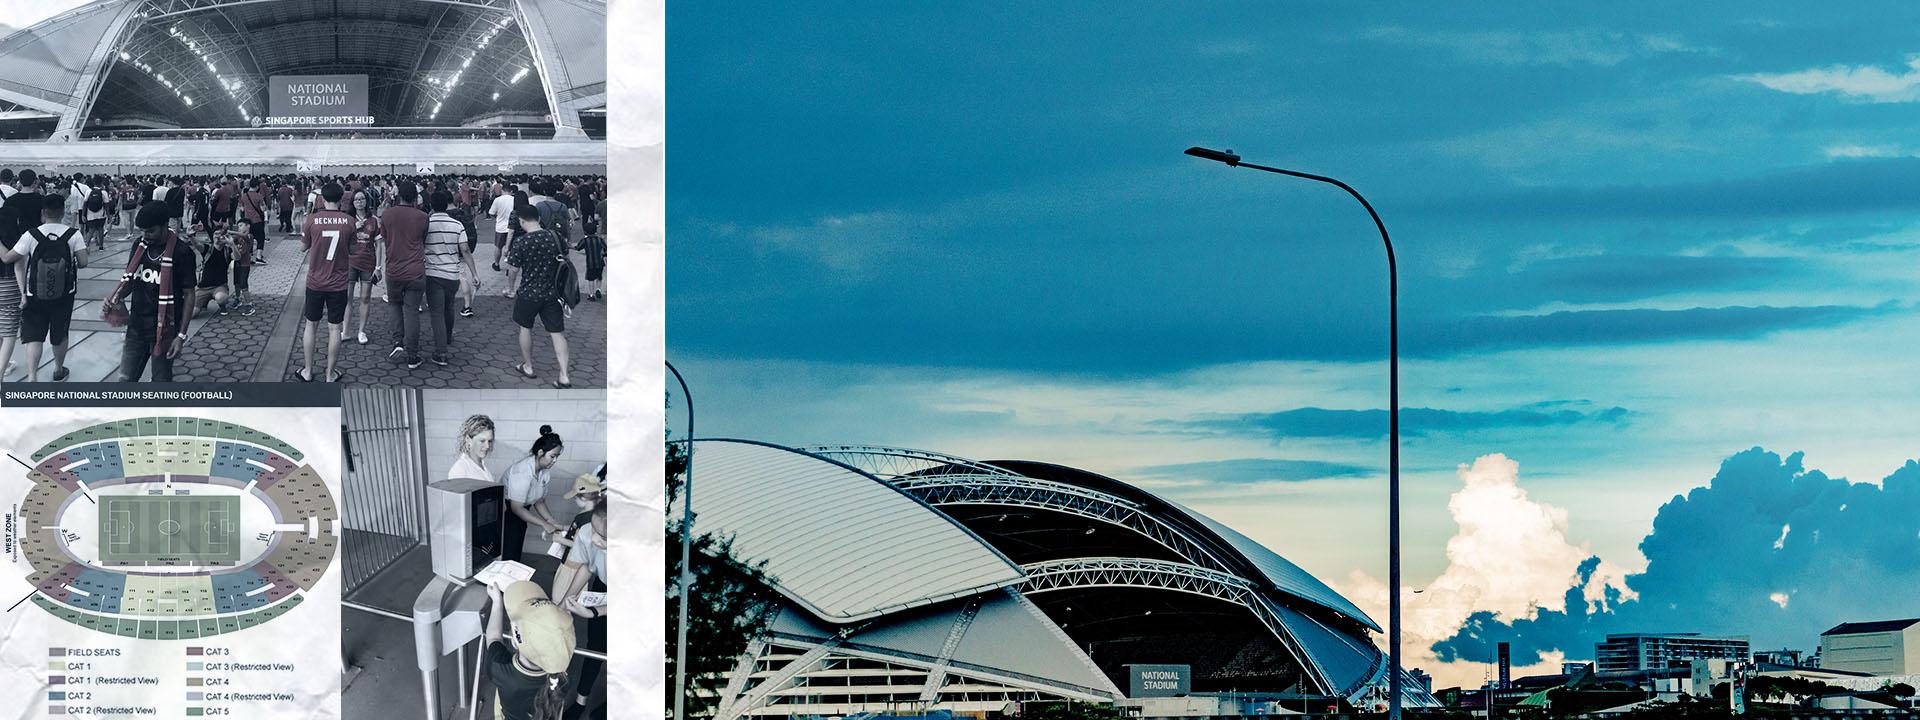 Singapore National Stadium Visitor Guide Australia -2020